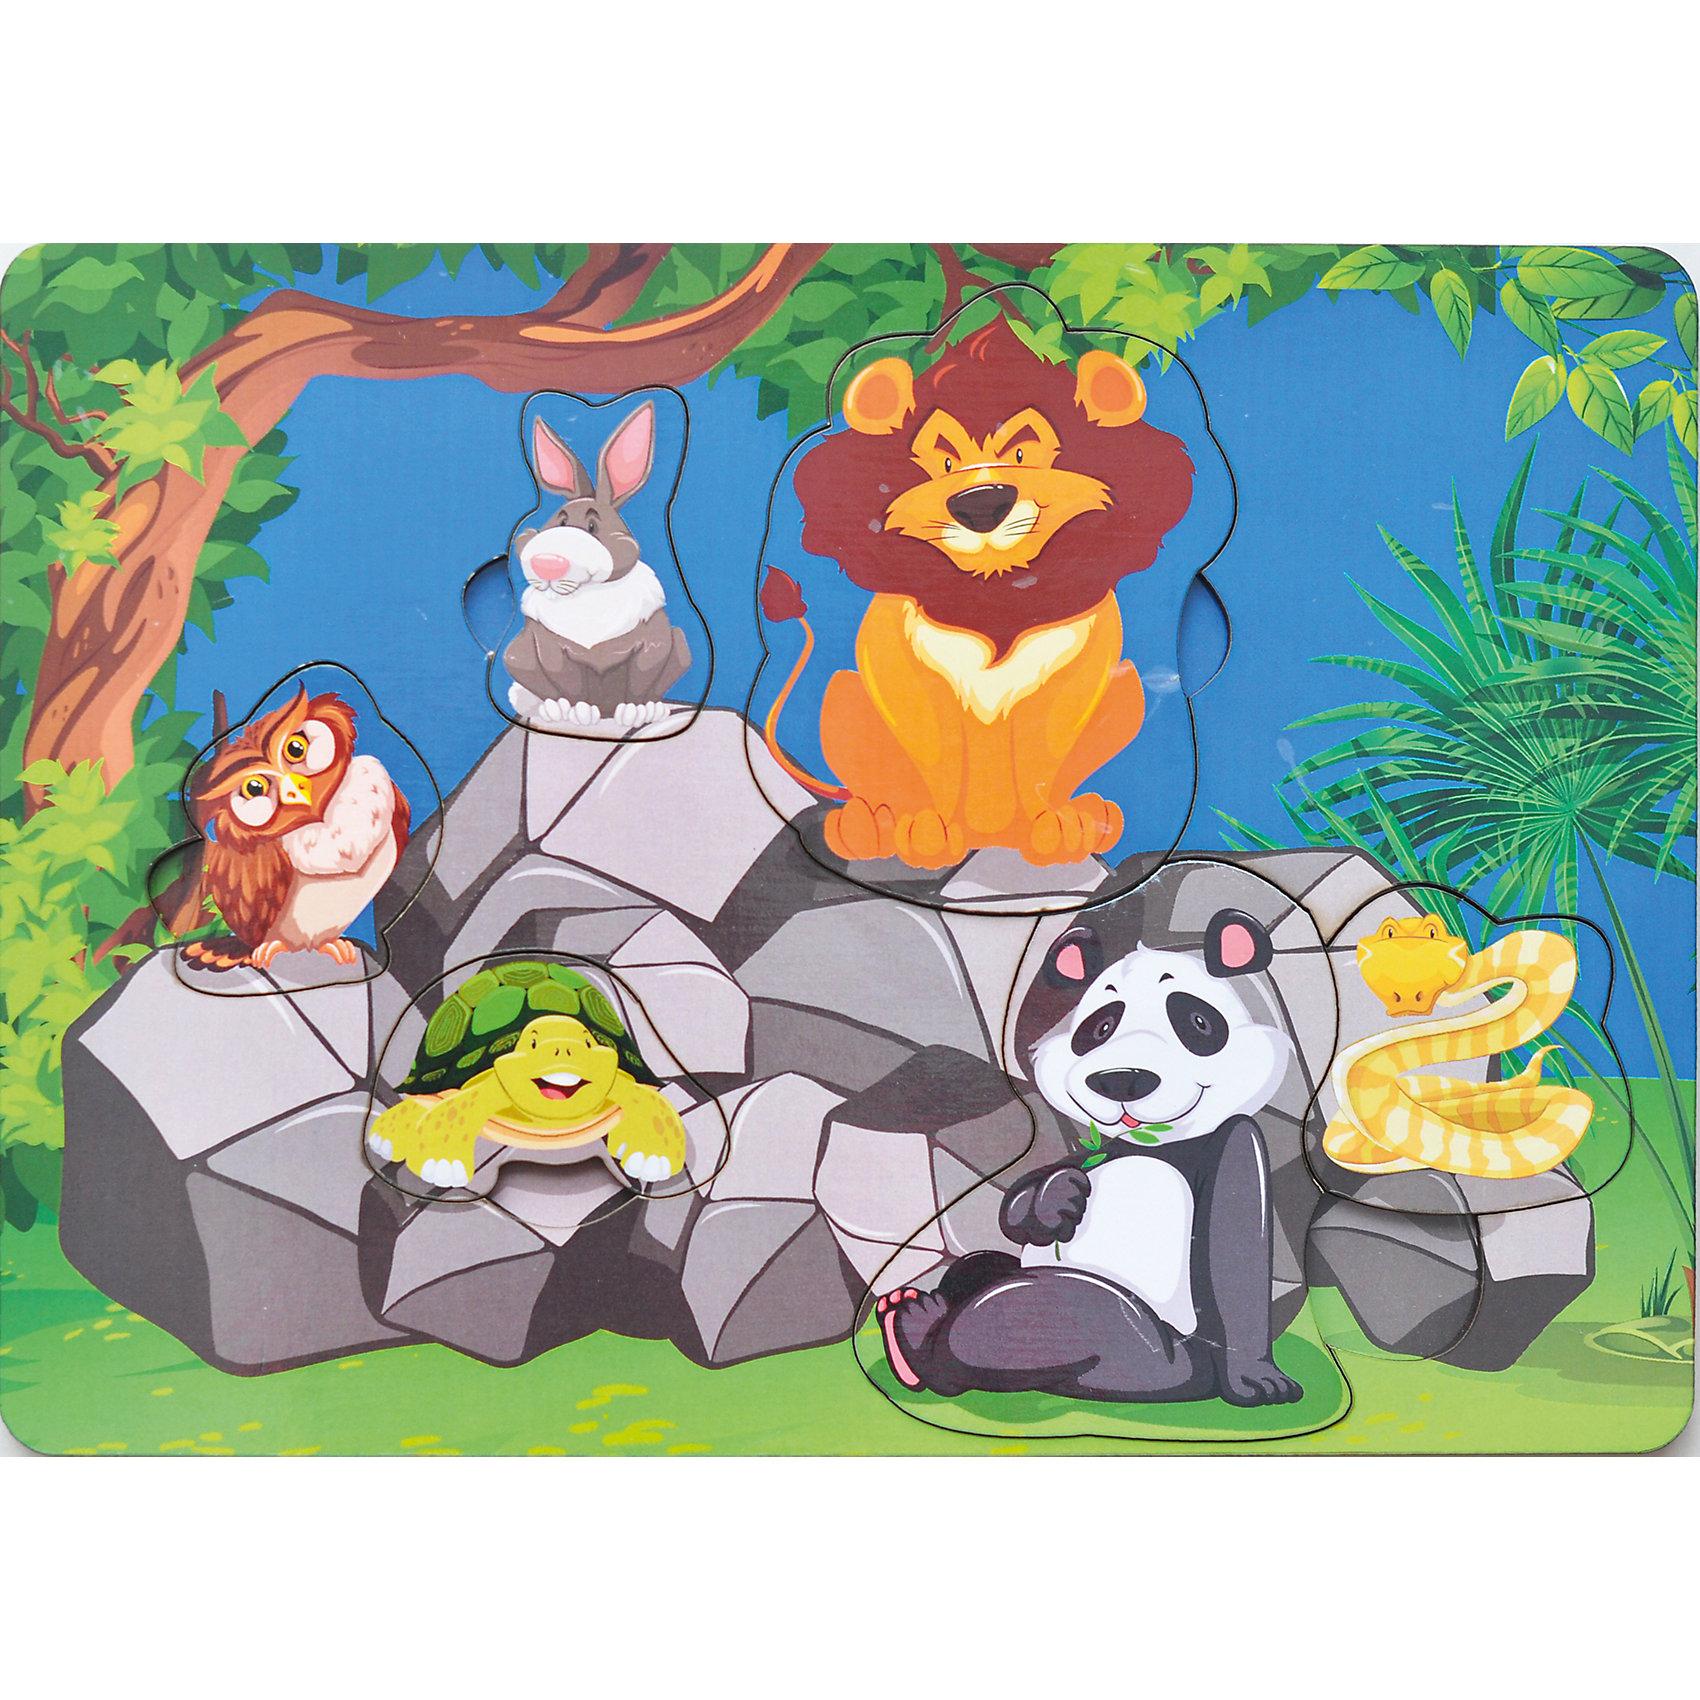 Развивающая рамка-вкладыш  «Звери на камнях», Мастер игрушекЗвери на камнях - яркая рамка-вкладыш, с помощью которого ребенок познакомится с обитателями животного мира, вытащит зверюшек из ячеек и вернет обратно, выбрав нужный вырез. Яркая картинка понравится малышу, а игра поможет развить мелкую моторику, координацию и обогатить словарный запас.<br><br>Дополнительная информация:<br>В комплекте: 6 вкладышей, рамка<br>Материал: дерево<br>Размер: 0,7х19,5х28 см<br>Вес: 260 грамм<br>Вы можете купить рамку-вкладыш Звери на камнях в нашем интернет-магазине.<br><br>Ширина мм: 280<br>Глубина мм: 7<br>Высота мм: 195<br>Вес г: 260<br>Возраст от месяцев: 36<br>Возраст до месяцев: 120<br>Пол: Унисекс<br>Возраст: Детский<br>SKU: 4953657